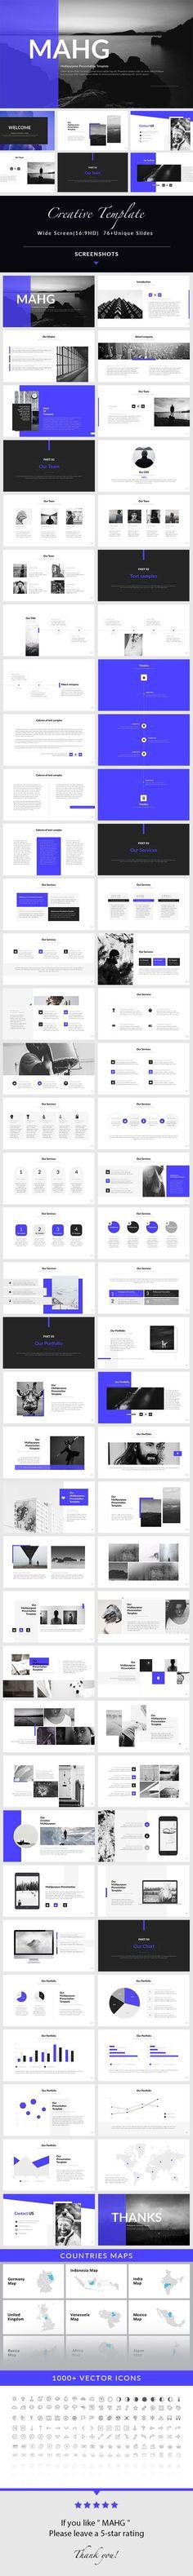 MAHG - PowerPoint Presentation Template - 76+ Unique Slides